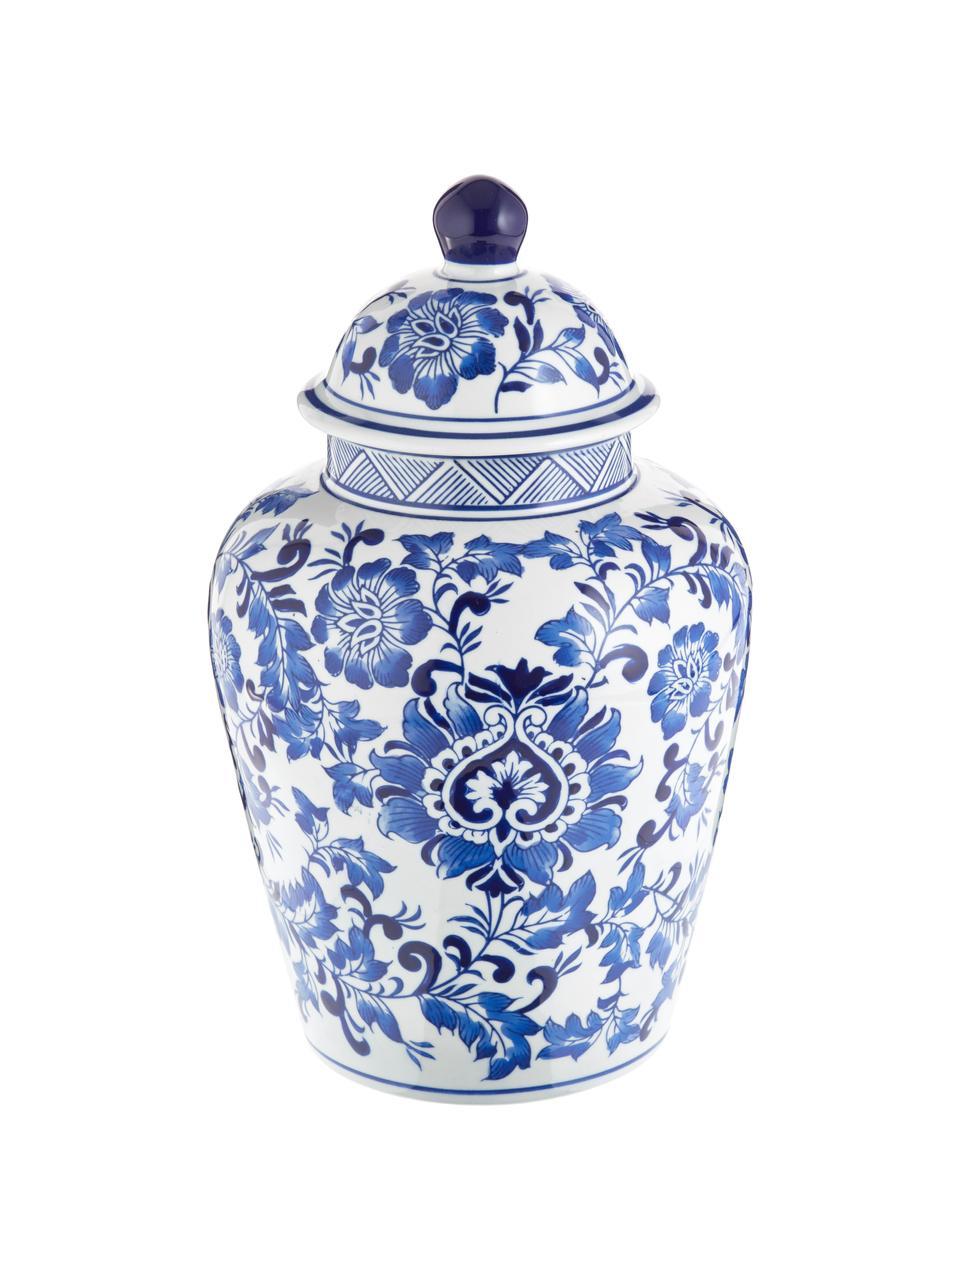 Grote vaas met deksel Annabelle van porselein, Porselein, Blauw, wit, Ø 20 cm